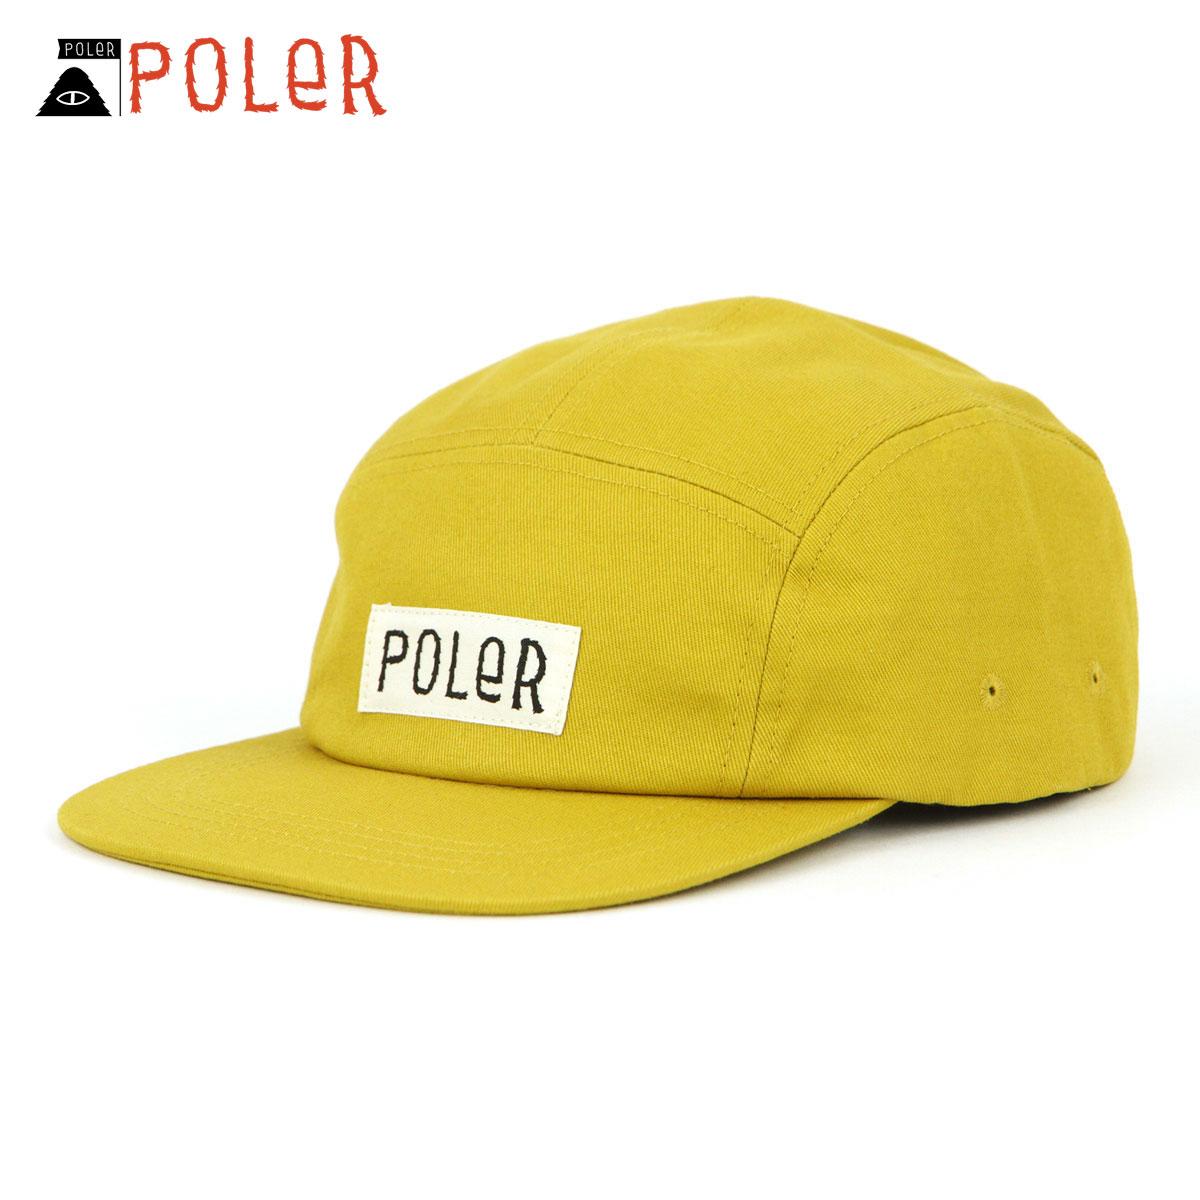 ポーラー キャップ メンズ レディース 正規販売店 POLER 帽子 5パネルキャップ FURRY FONT 5PANEL DRAWCORD CAP 55100007-MUS MUSTARD A79B B3C C3D D4E E12F